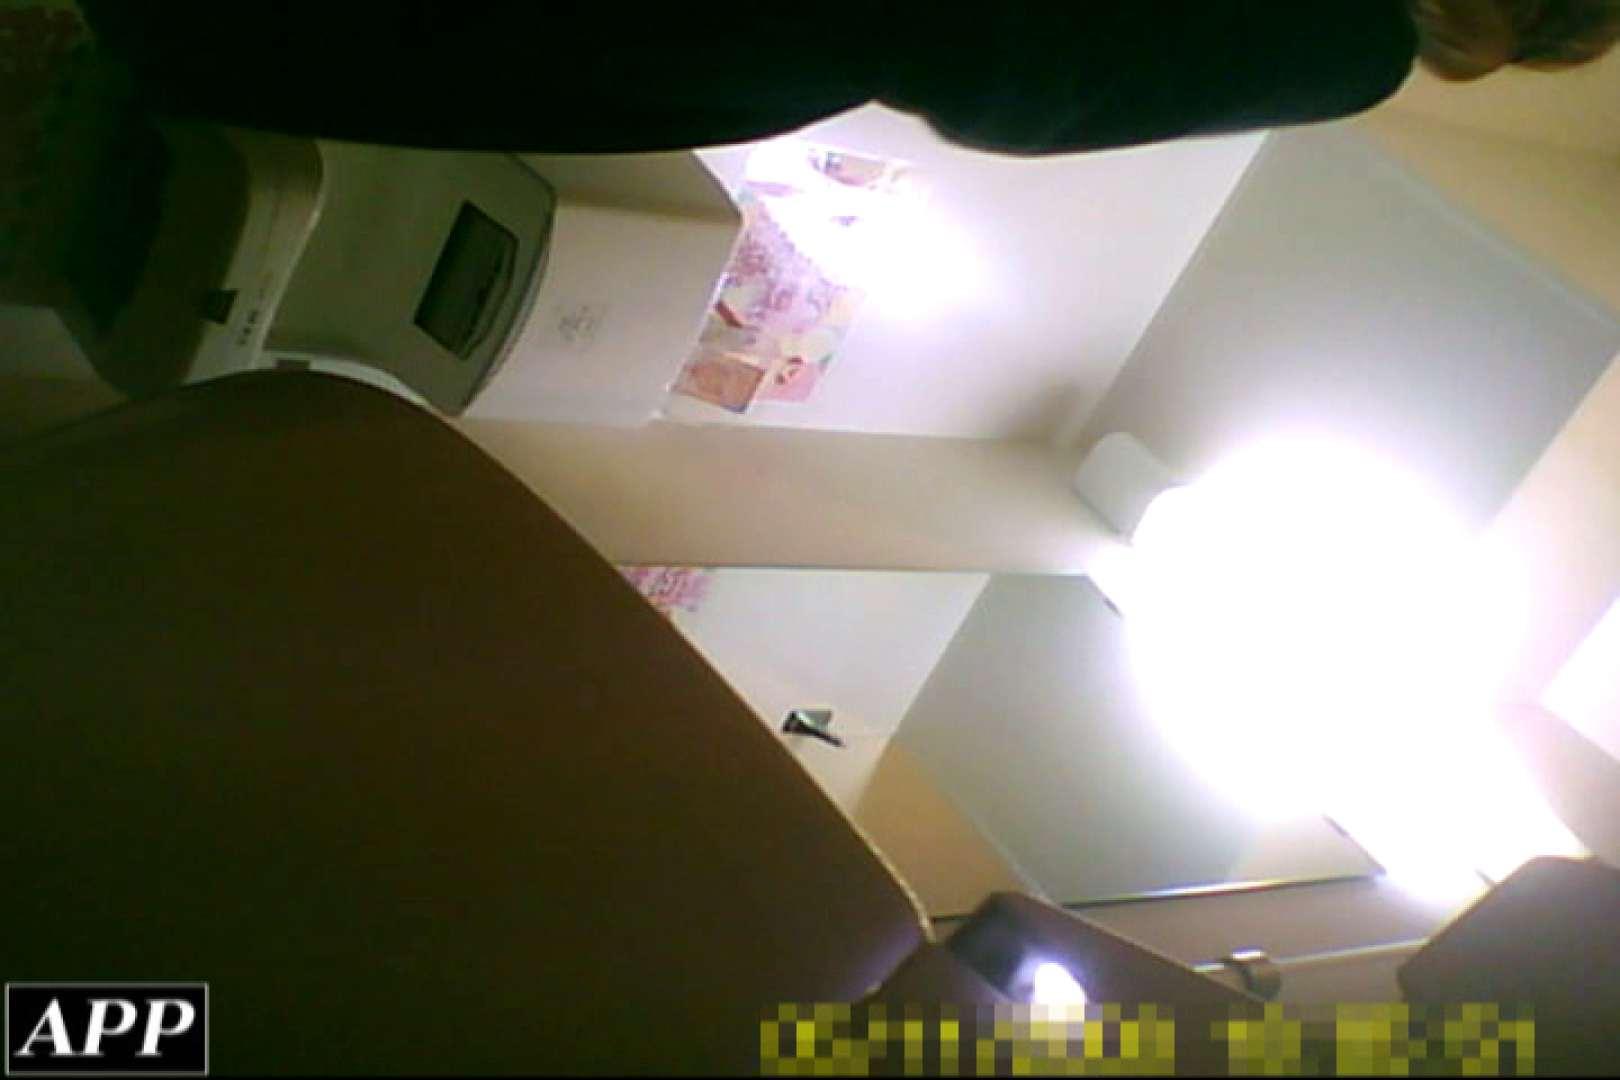 3視点洗面所 vol.67 丸見え AV無料動画キャプチャ 34画像 16